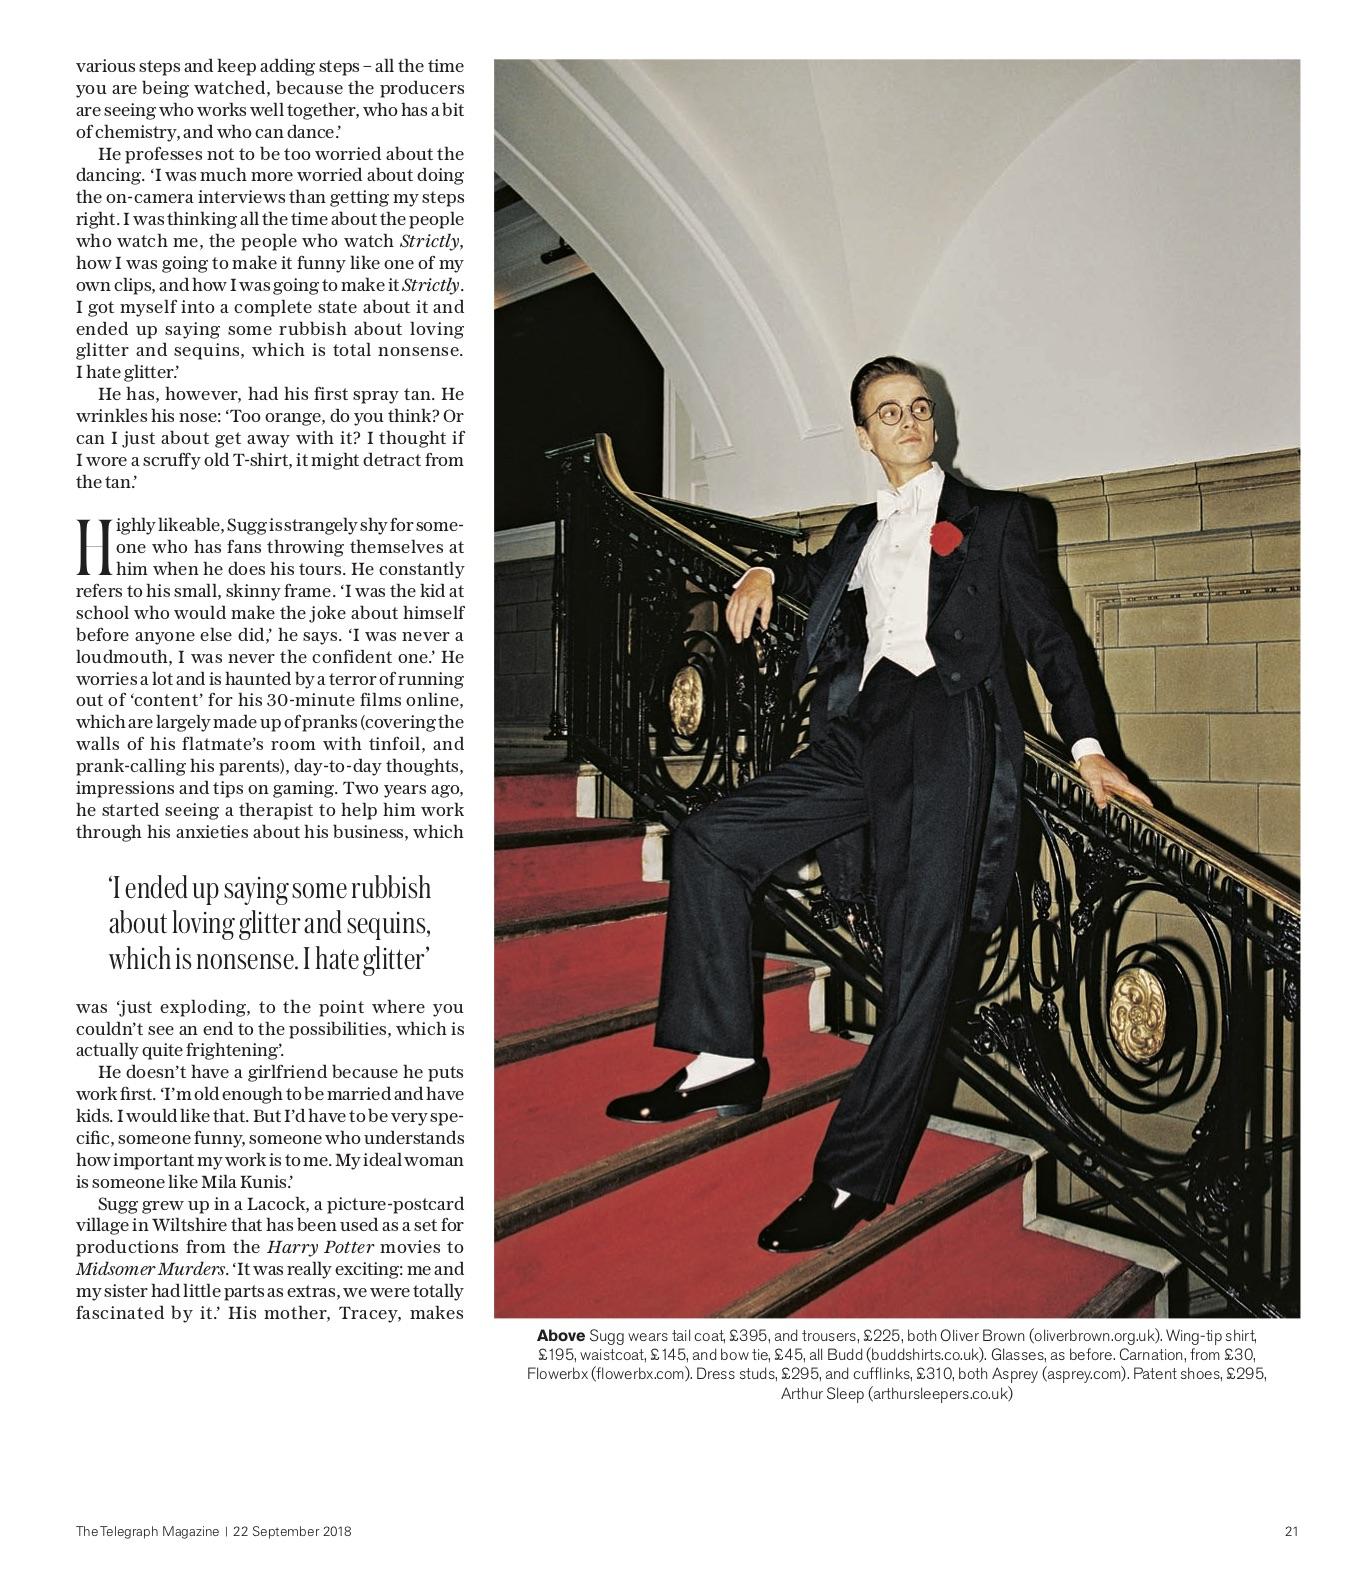 Daily Telegraph Magazine_22-09-2018_Main_1st_p16 3.jpg